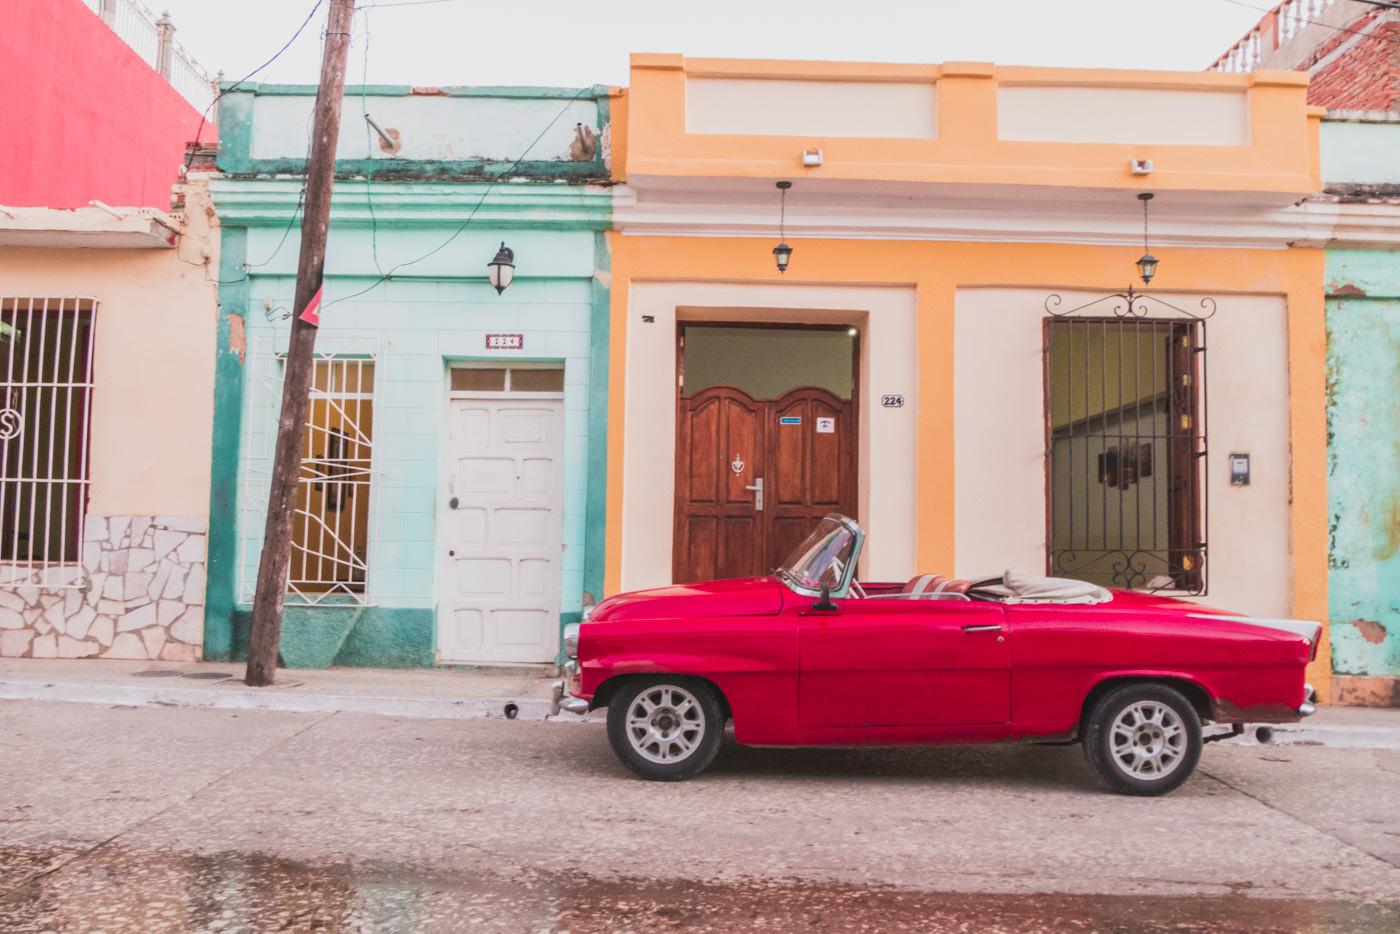 Ein roter Oldtimer vor bunten Häusern